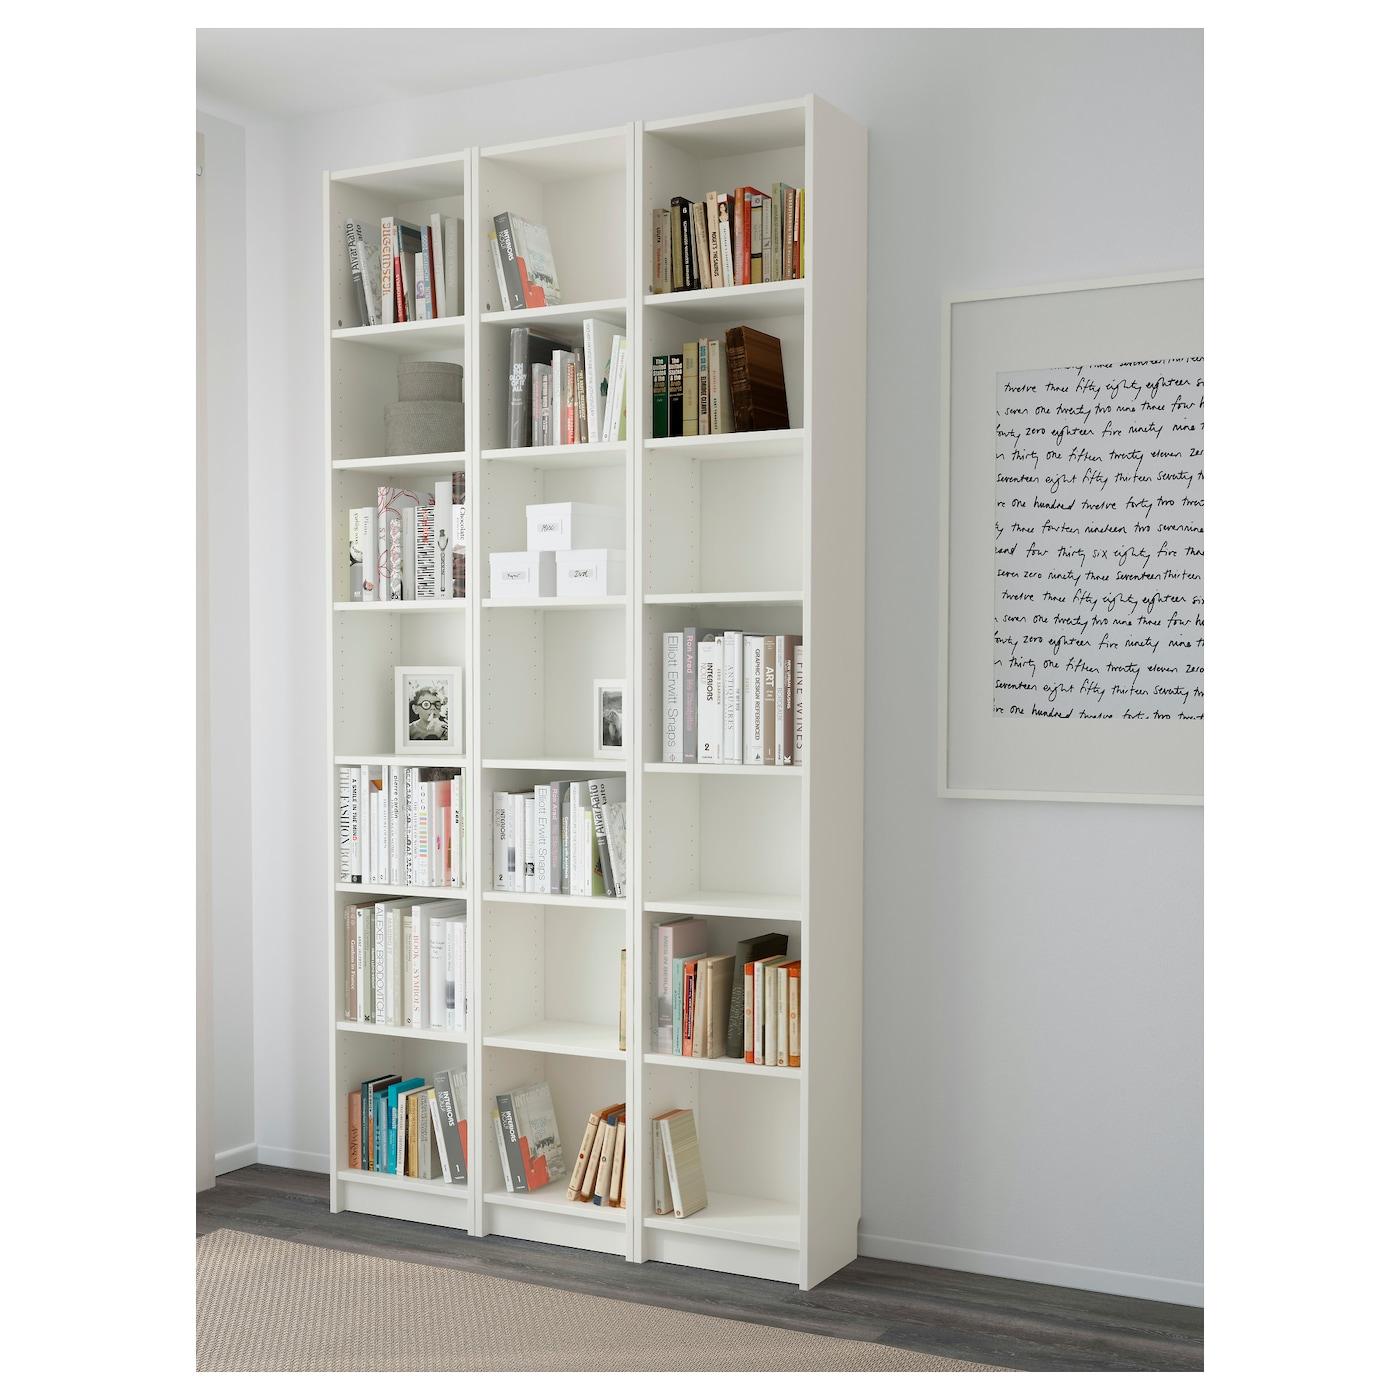 ikea billy boekenkast verstelbare planken naar behoefte aan te passen